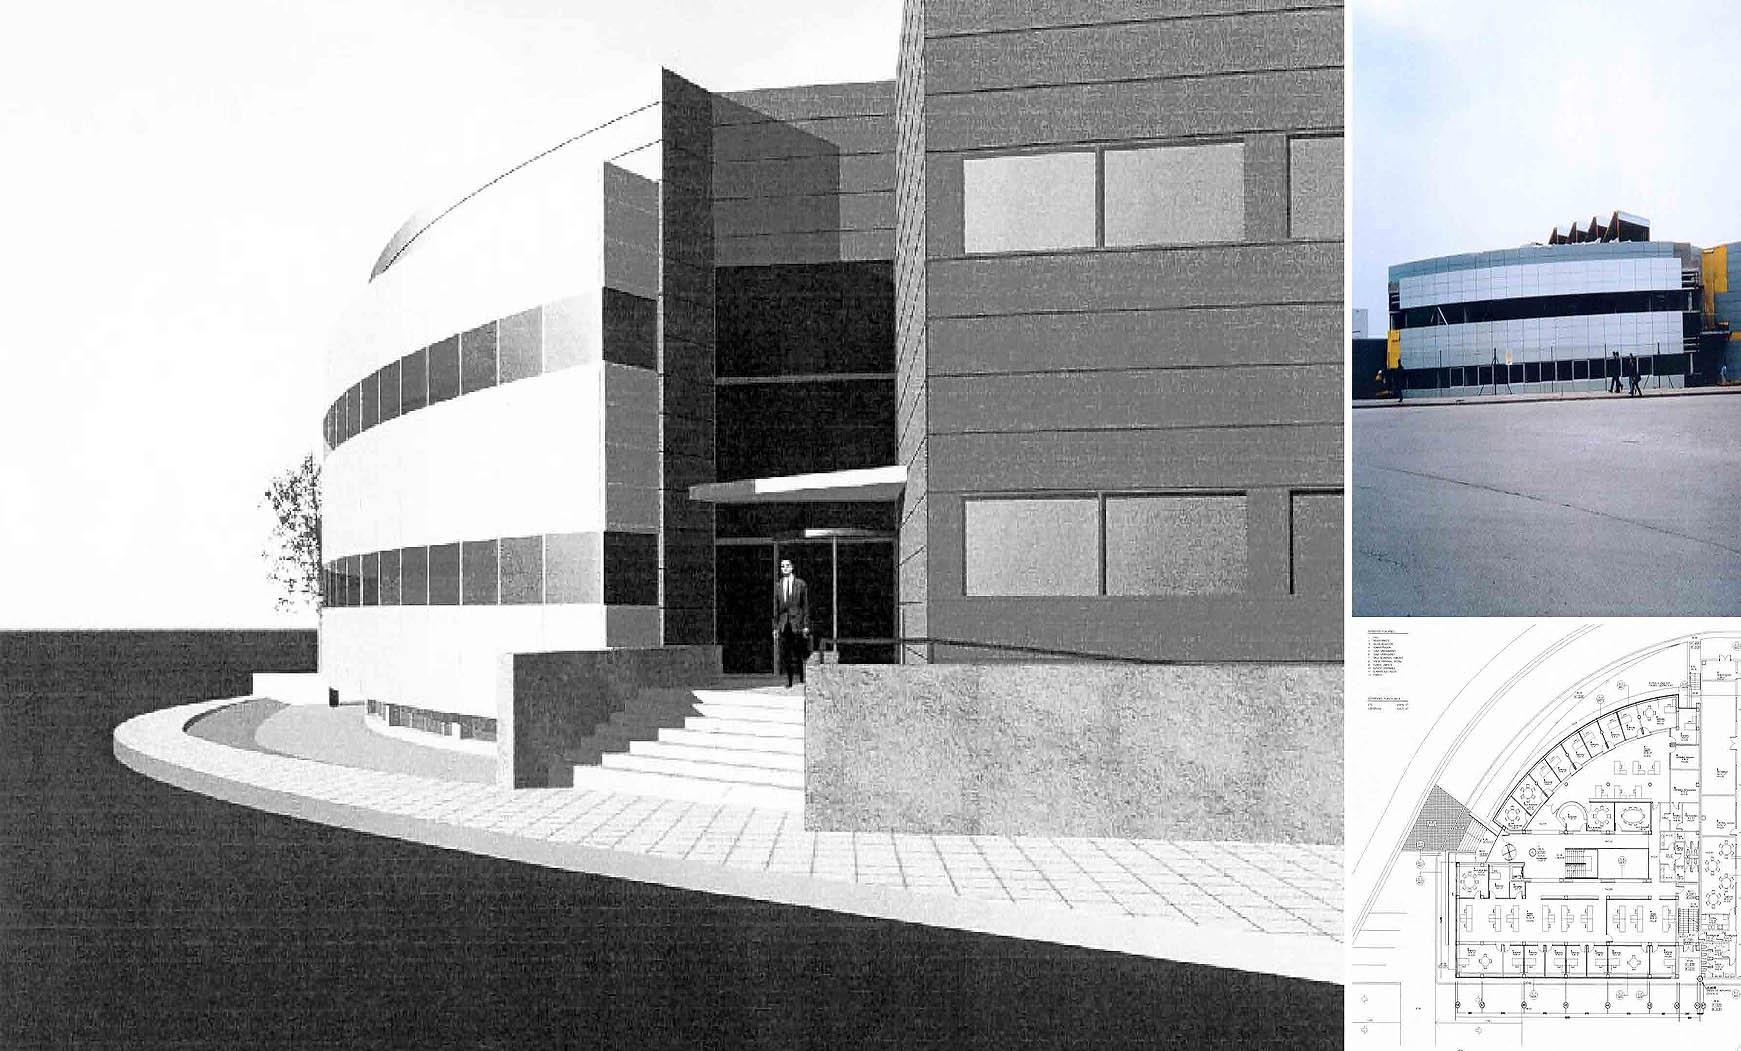 Oficinas y factoría Vileda en Parets del vallès, Barcelona (1996), en colaboración con EGC